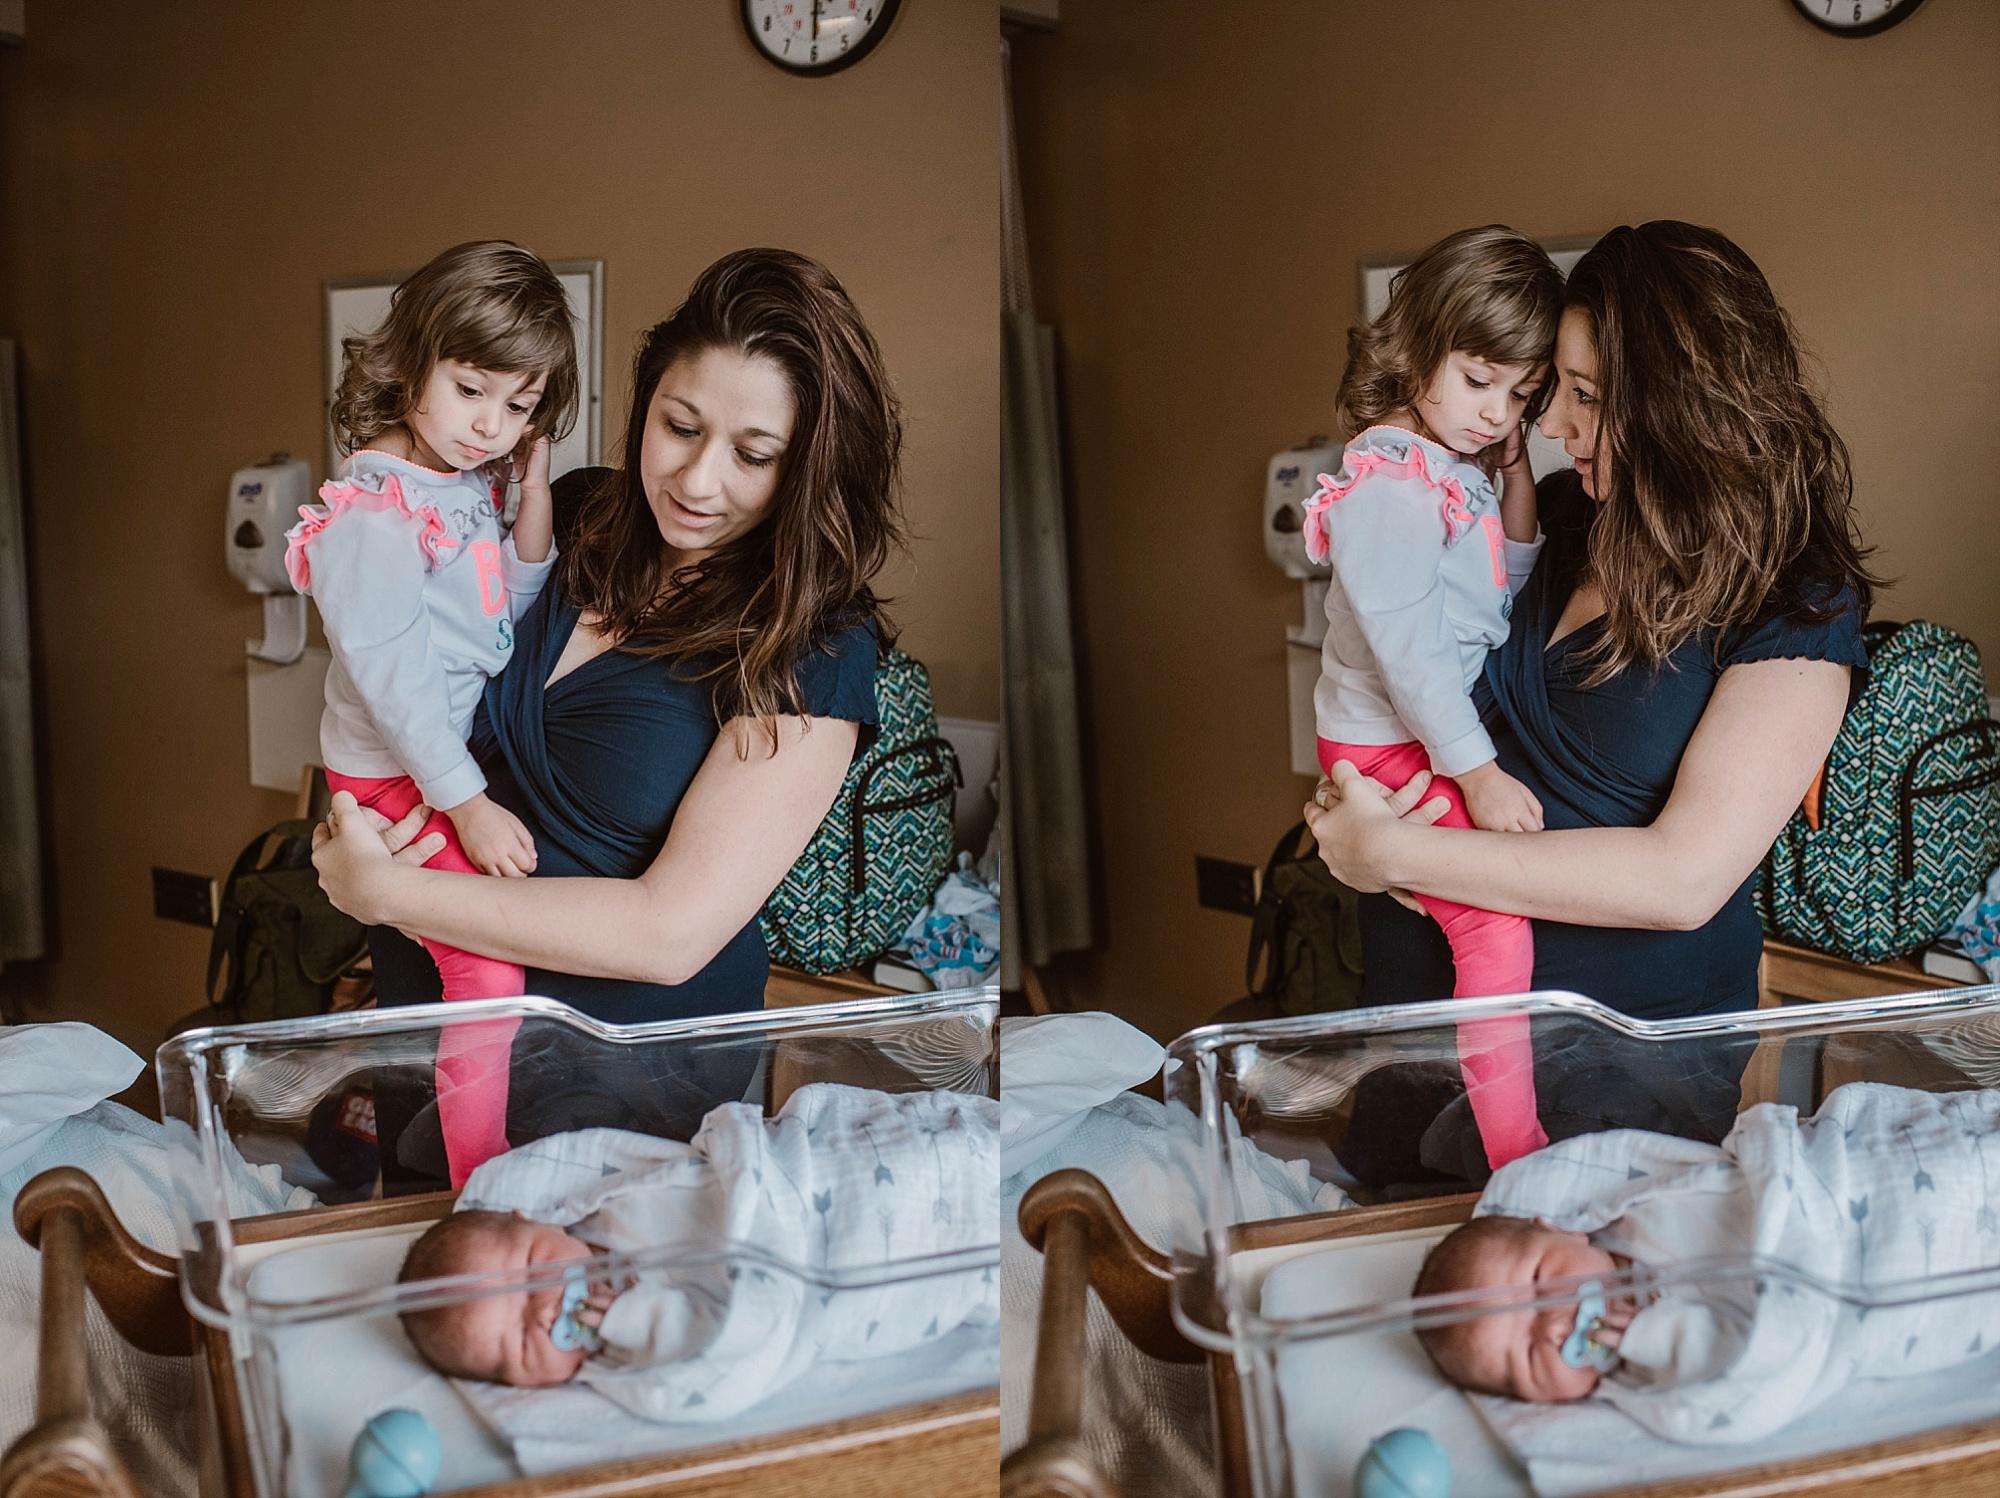 Dudones-family-cleveland-photographer-lauren-grayson-fresh-48-session_0027.jpg